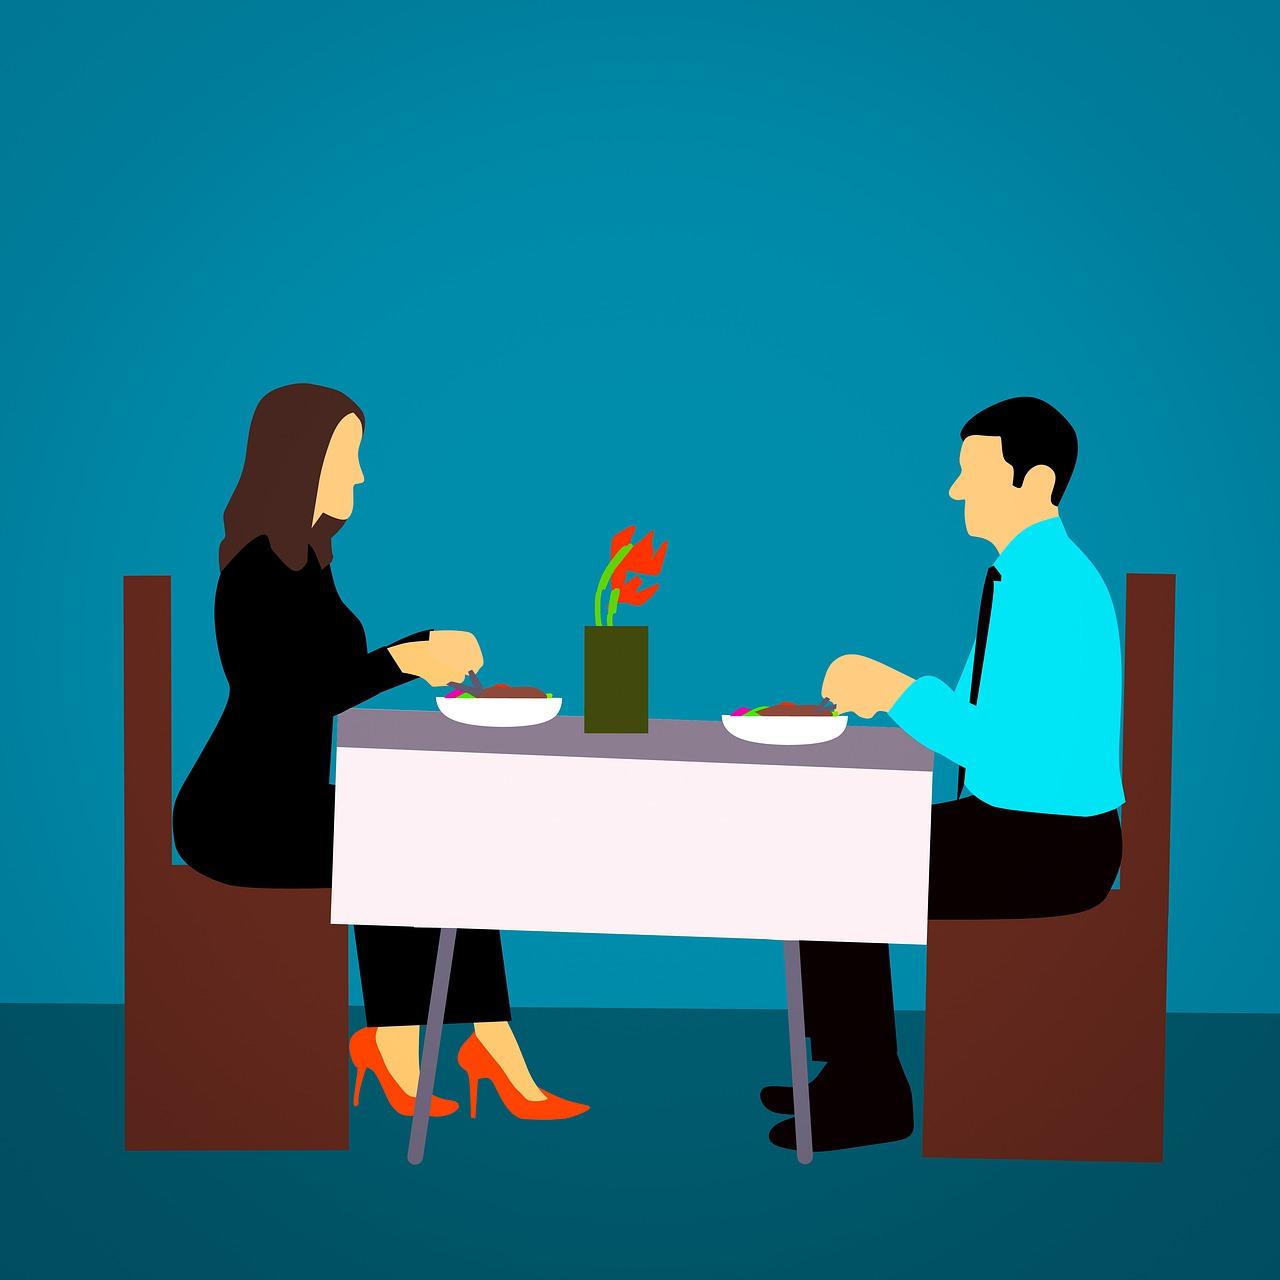 海外赴任がはじめての駐妻は特に気をつけたい、海外でのマナーの基本まとめ